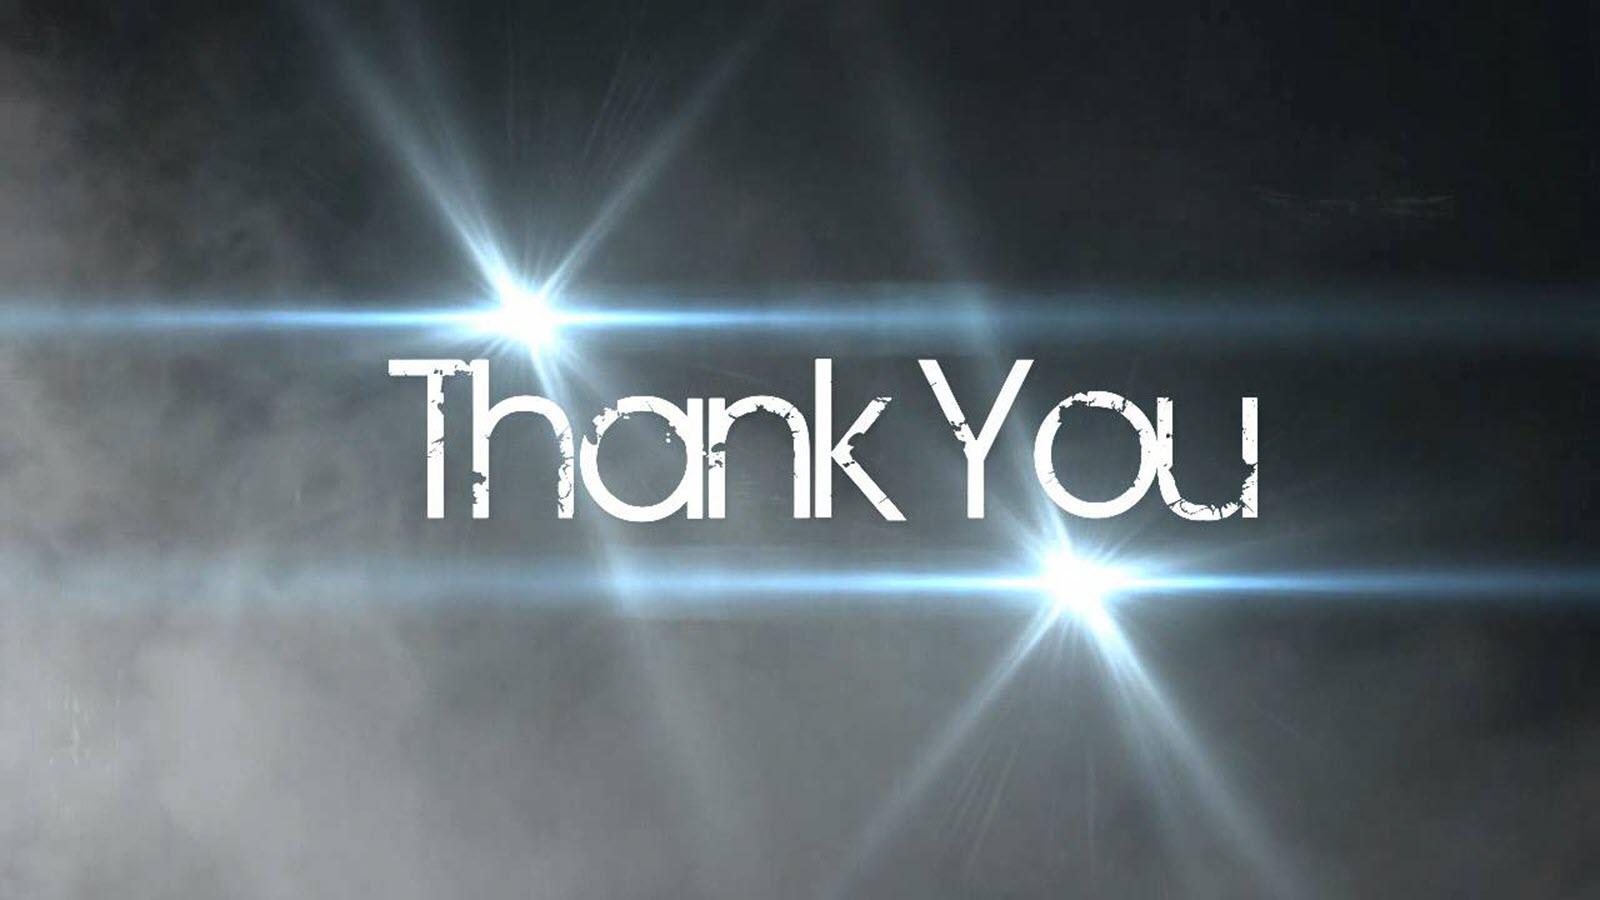 ThuThuatTinHoc - Slide cảm ơn đẹp (36)